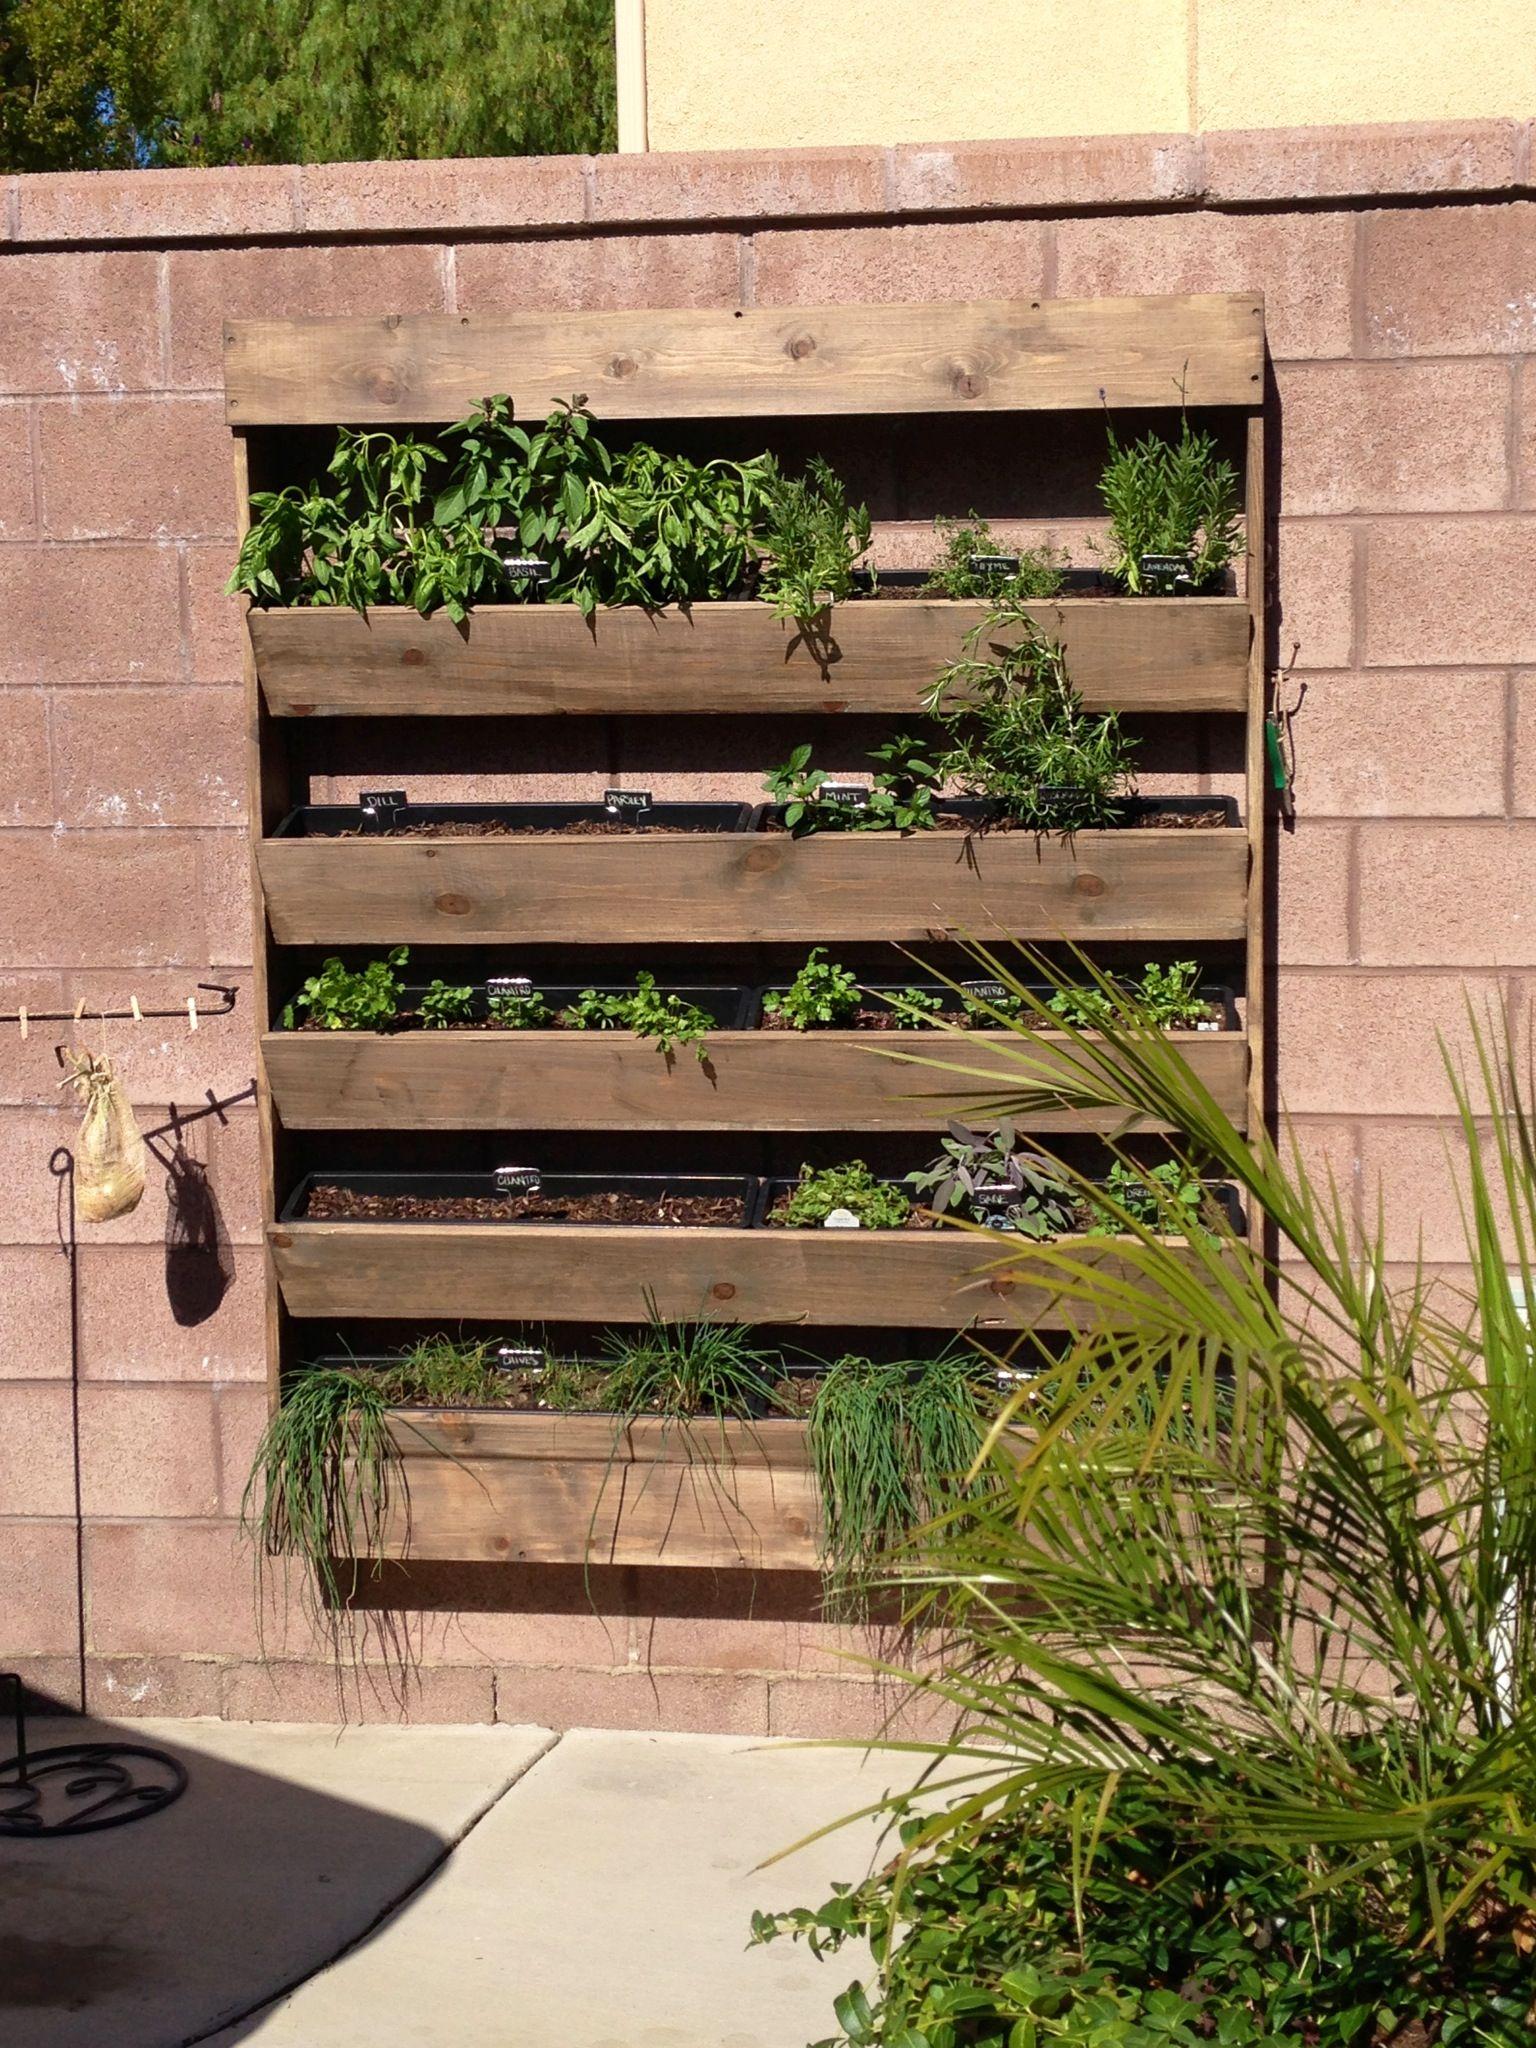 Herb Wall Garden Interior-balcony